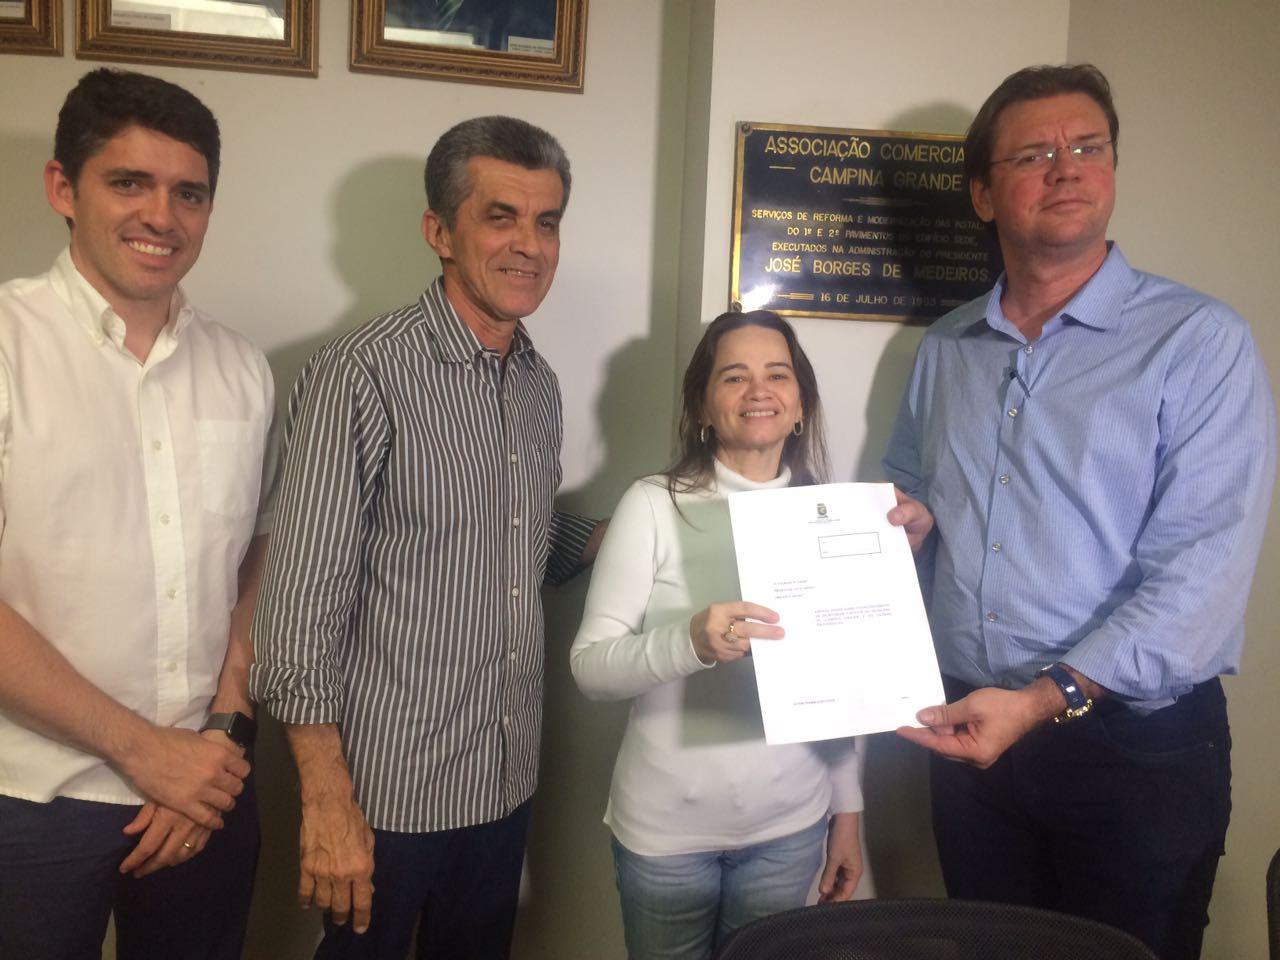 Vereadora Ivonete Ludgério participa de encontro com empresários campinenses